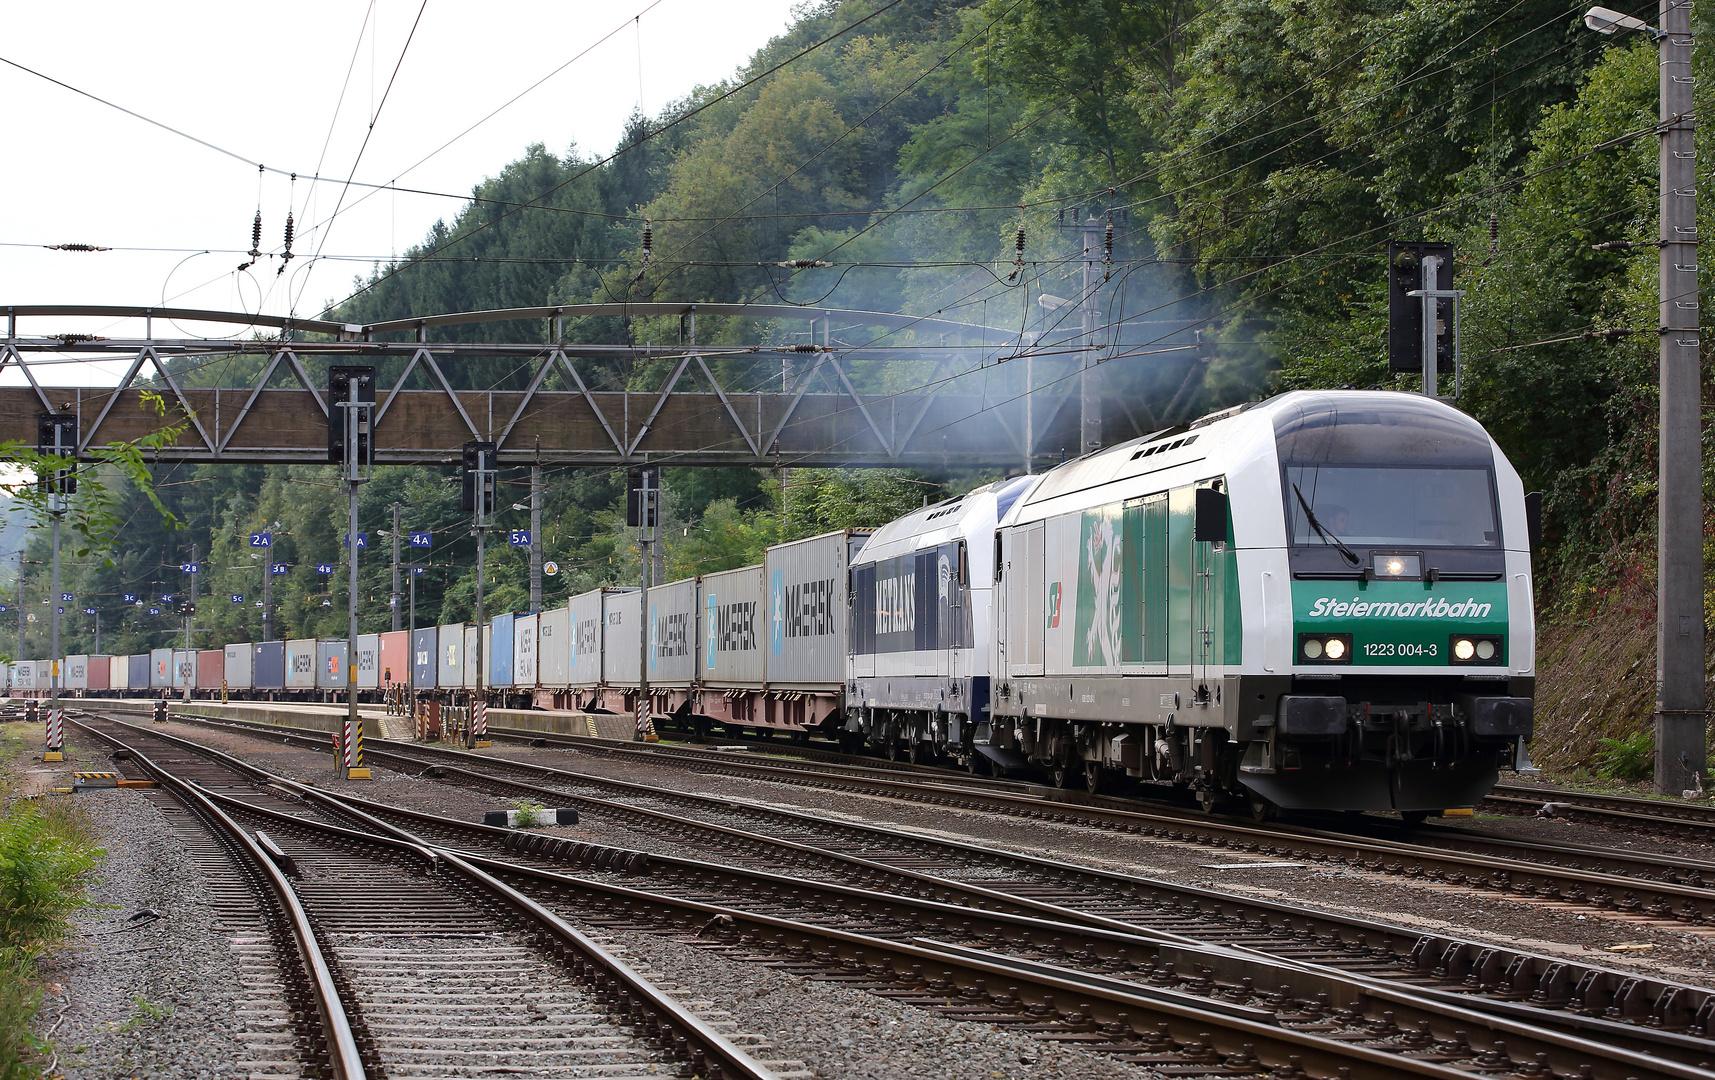 'Die Steiermarkbahn - STB'